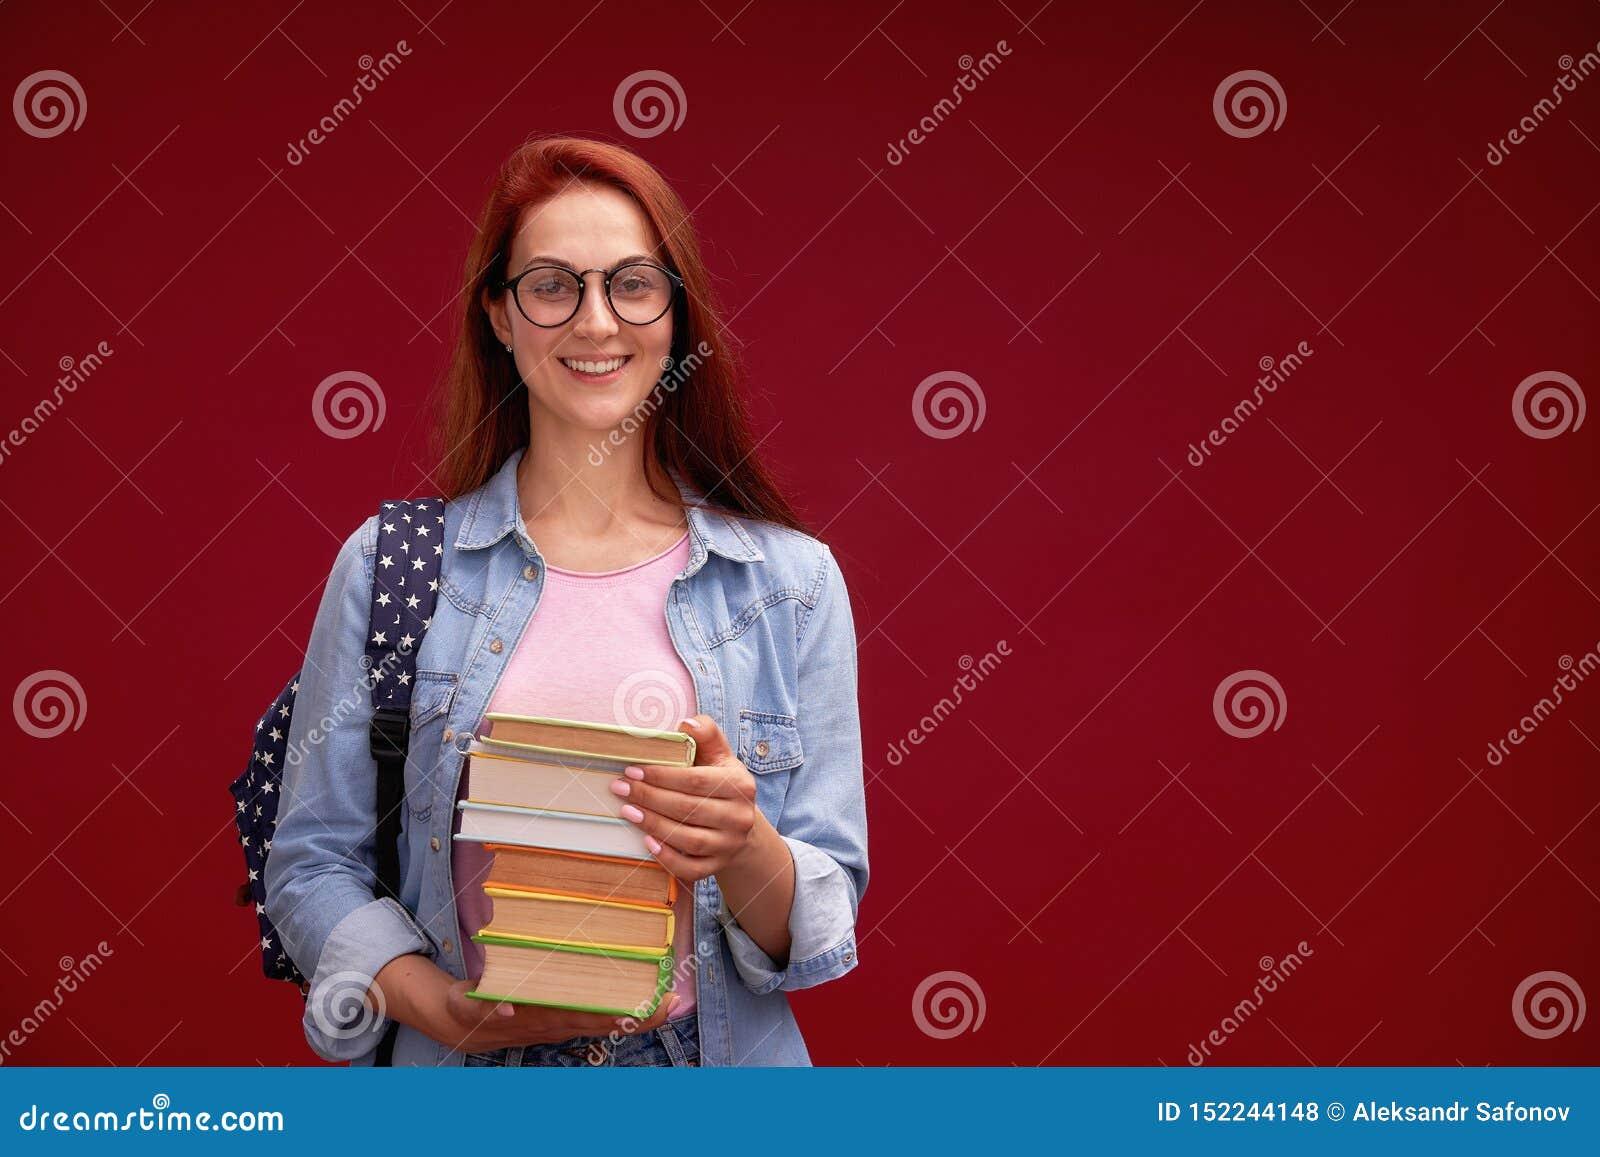 Het portret van een mooie studente met een rugzak en een stapel boeken in zijn handen glimlacht bij de rode achtergrond